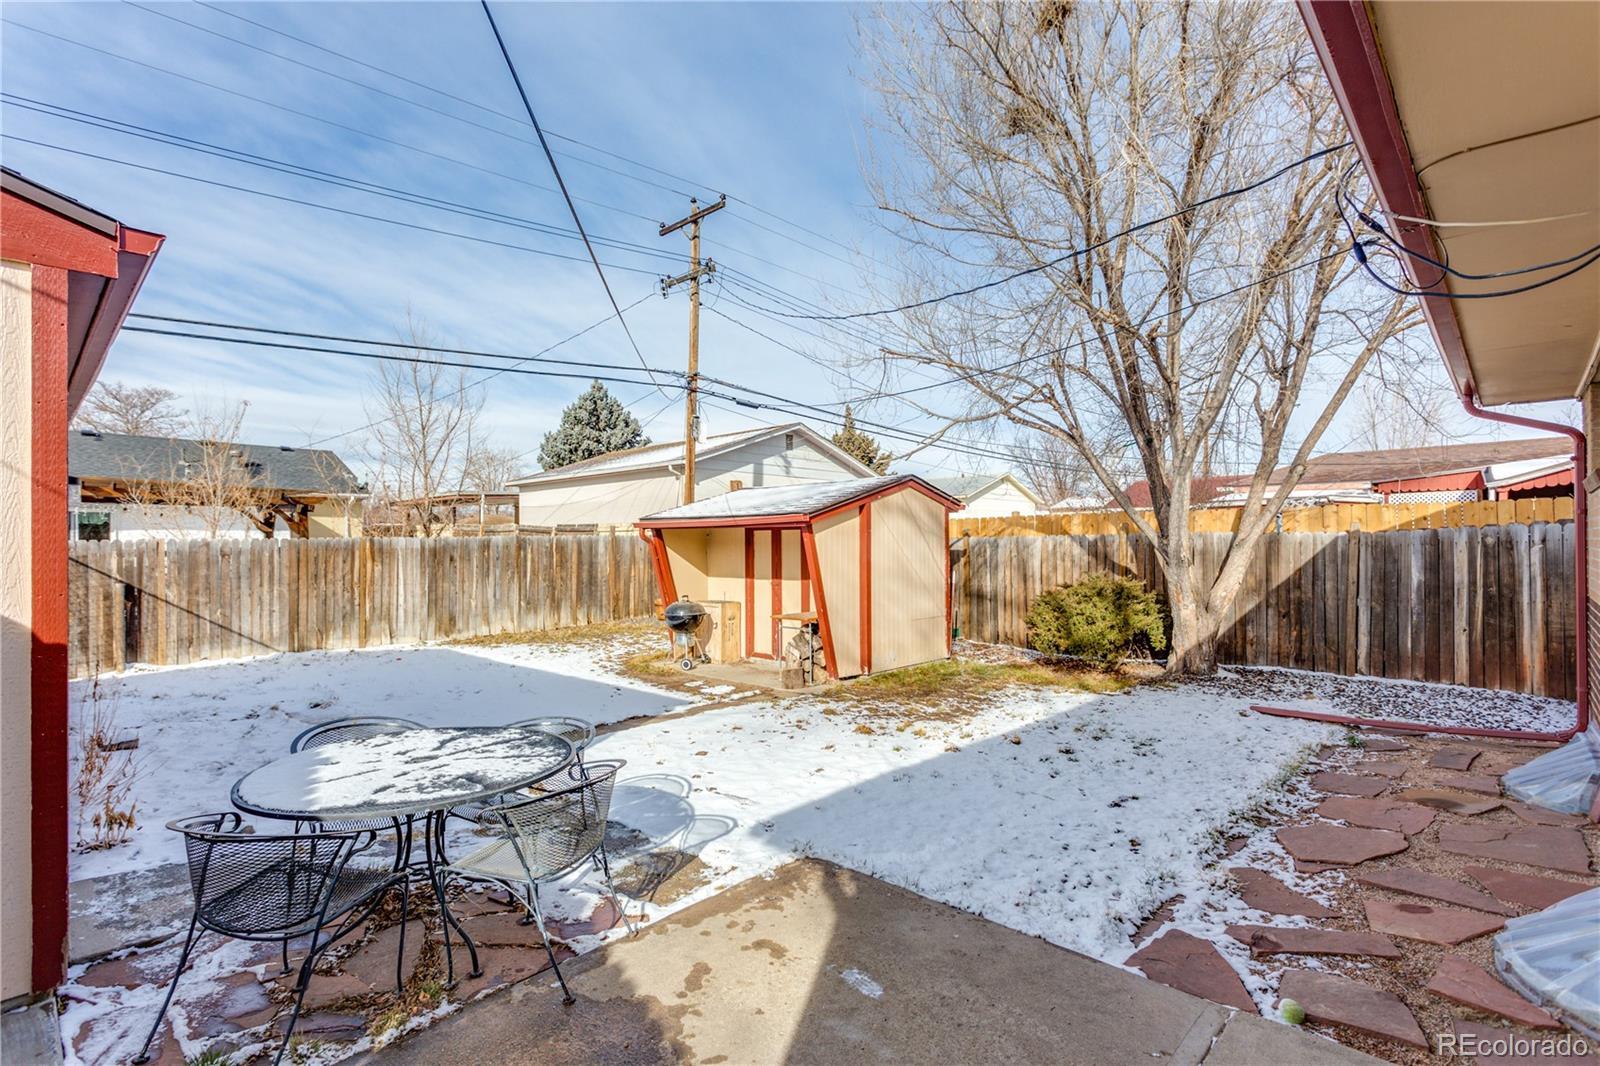 MLS# 8947804 - 24 - 7701 Osage Street, Denver, CO 80221